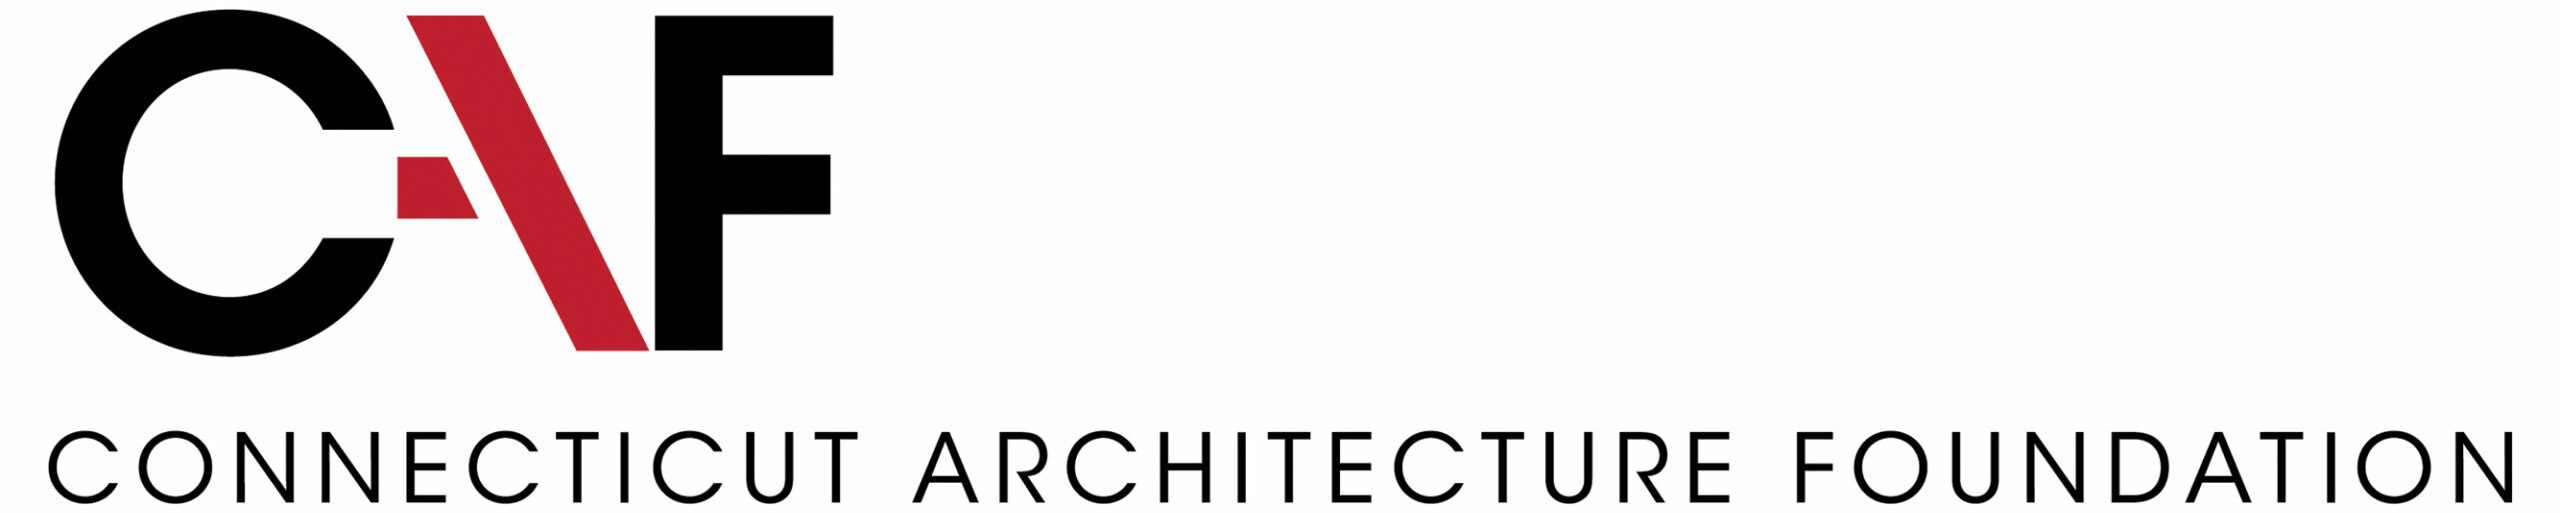 Connecticut Architecture Foundation